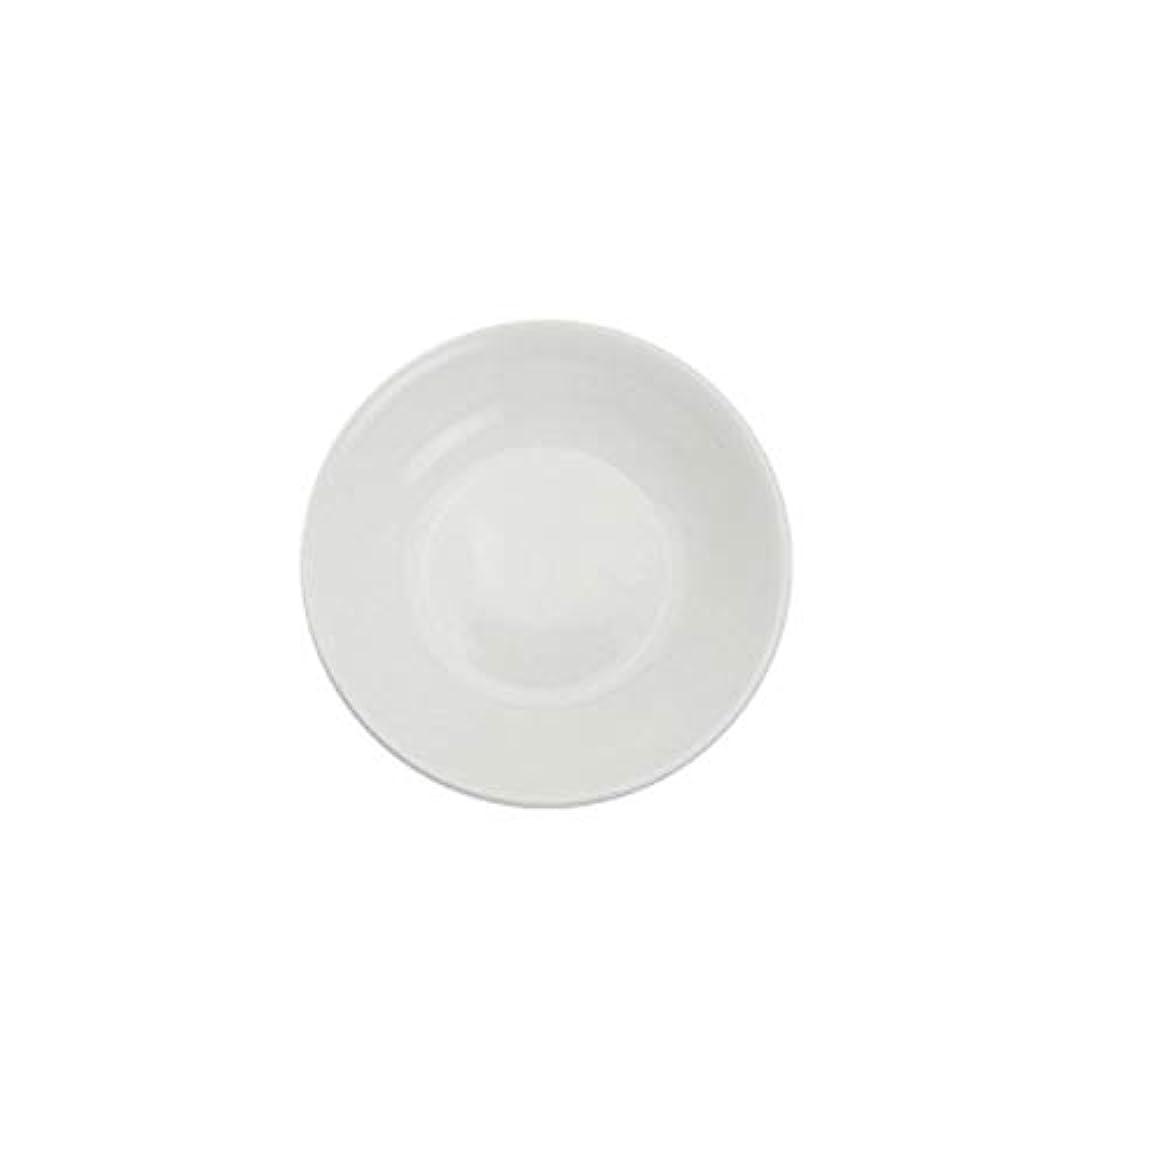 侵入するキリマンジャロ相手お換えのお皿 白いお皿 茶香炉 陶器茶香炉 茶こうろ 茶 インテリア アロマディフューザー 精油和風 アロマ リビング セットお皿だけ